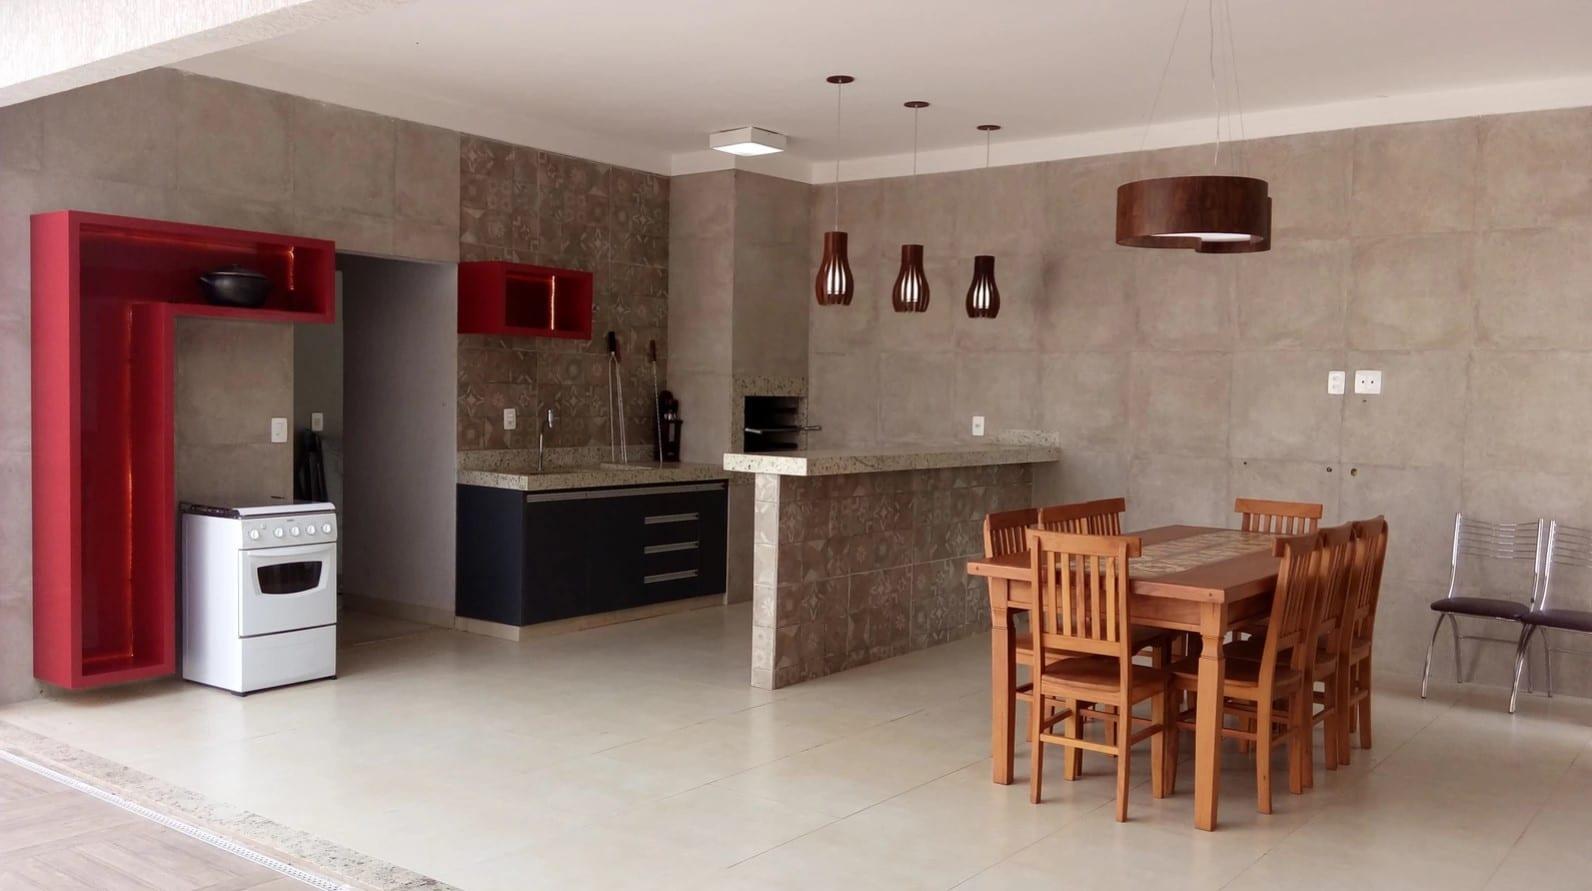 designer de interiores/paisagismo/rio verde